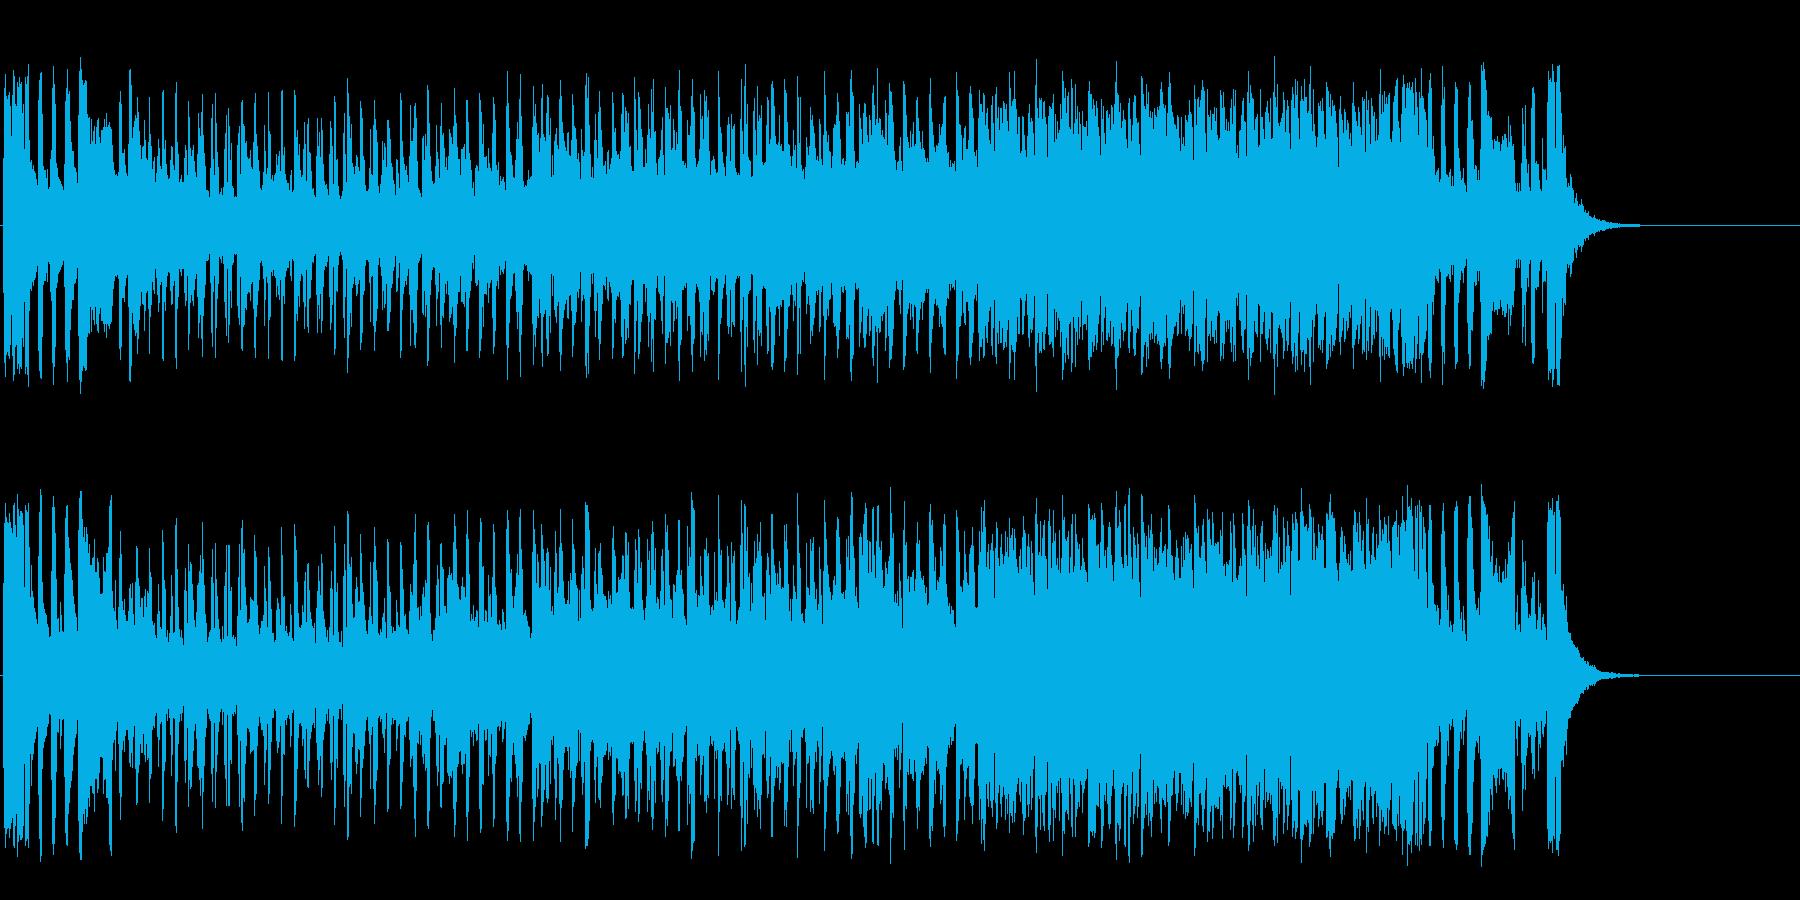 コミカルで元気なオープニング・ポップスの再生済みの波形